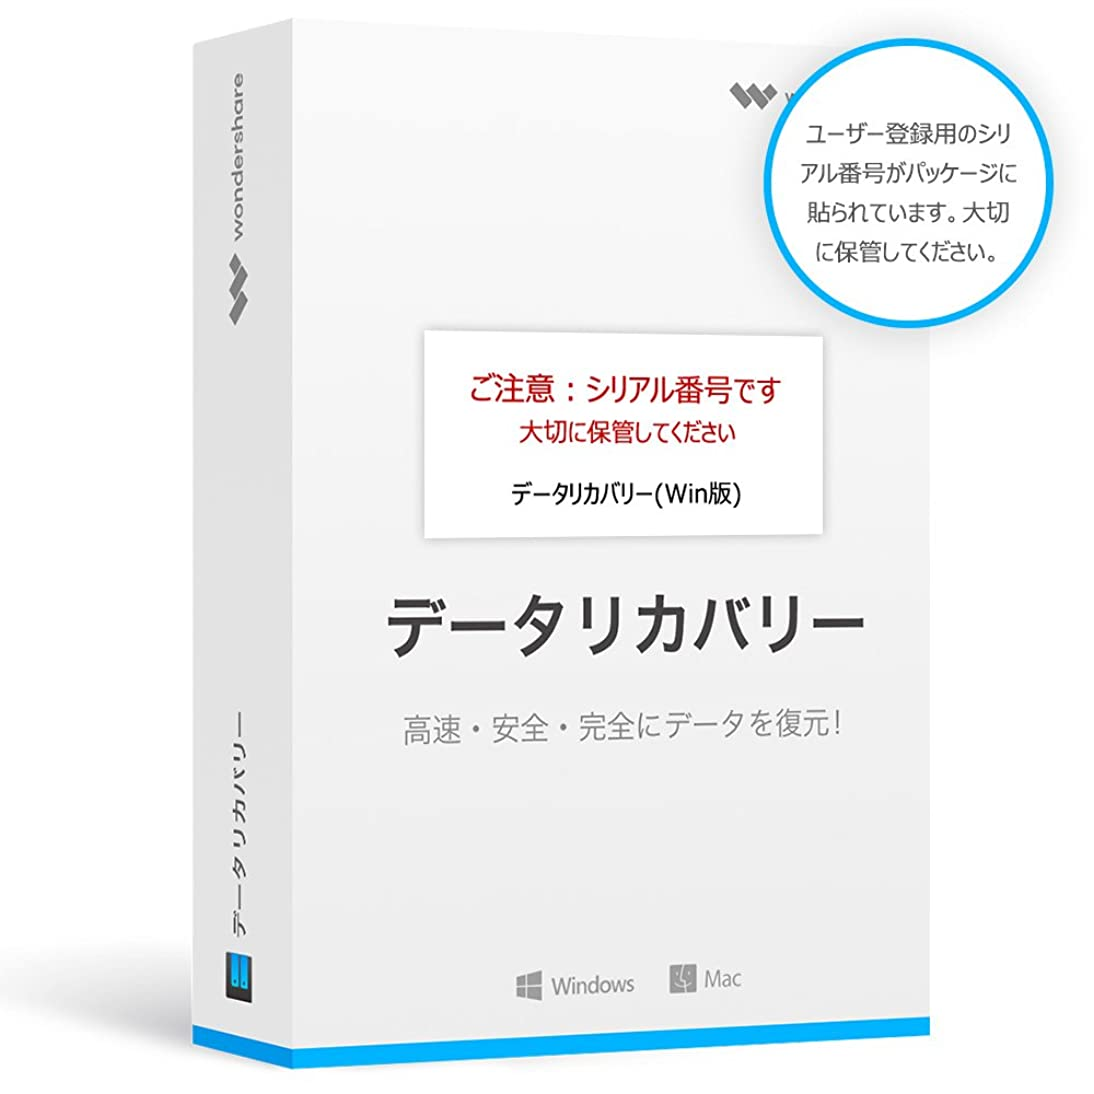 司書スツール志すWondershare データリカバリー (Win版)簡単?安心?パワフルなデータ復元ソフト! 永久ライセンス|ワンダーシェアー